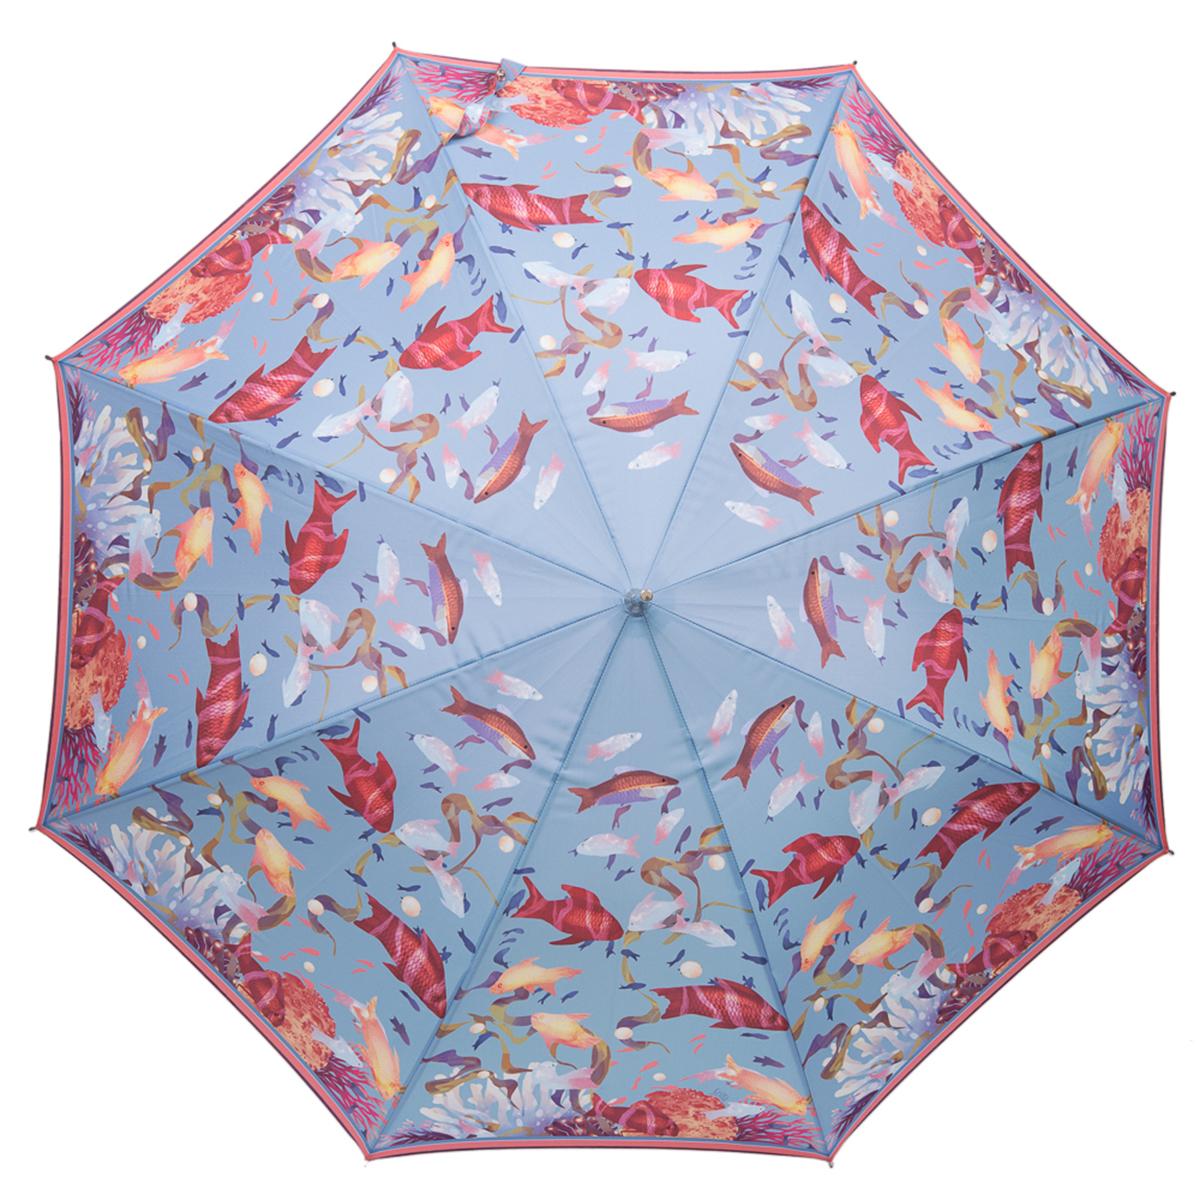 Зонт-трость женский Stilla, цвет: серо-голубой, красный. 756/1 auto756/1 autoЗонт-трость Stilla надежно защитит вас от дождя. Купол, оформленный оригинальным принтом, выполнен из высококачественного ПВХ, который не пропускает воду. Каркас зонта и спицы выполнены из высококарбонистой стали. Зонт имеет автоматический тип сложения: открывается и закрывается при нажатии на кнопку. Удобная ручка выполнена из пластика.